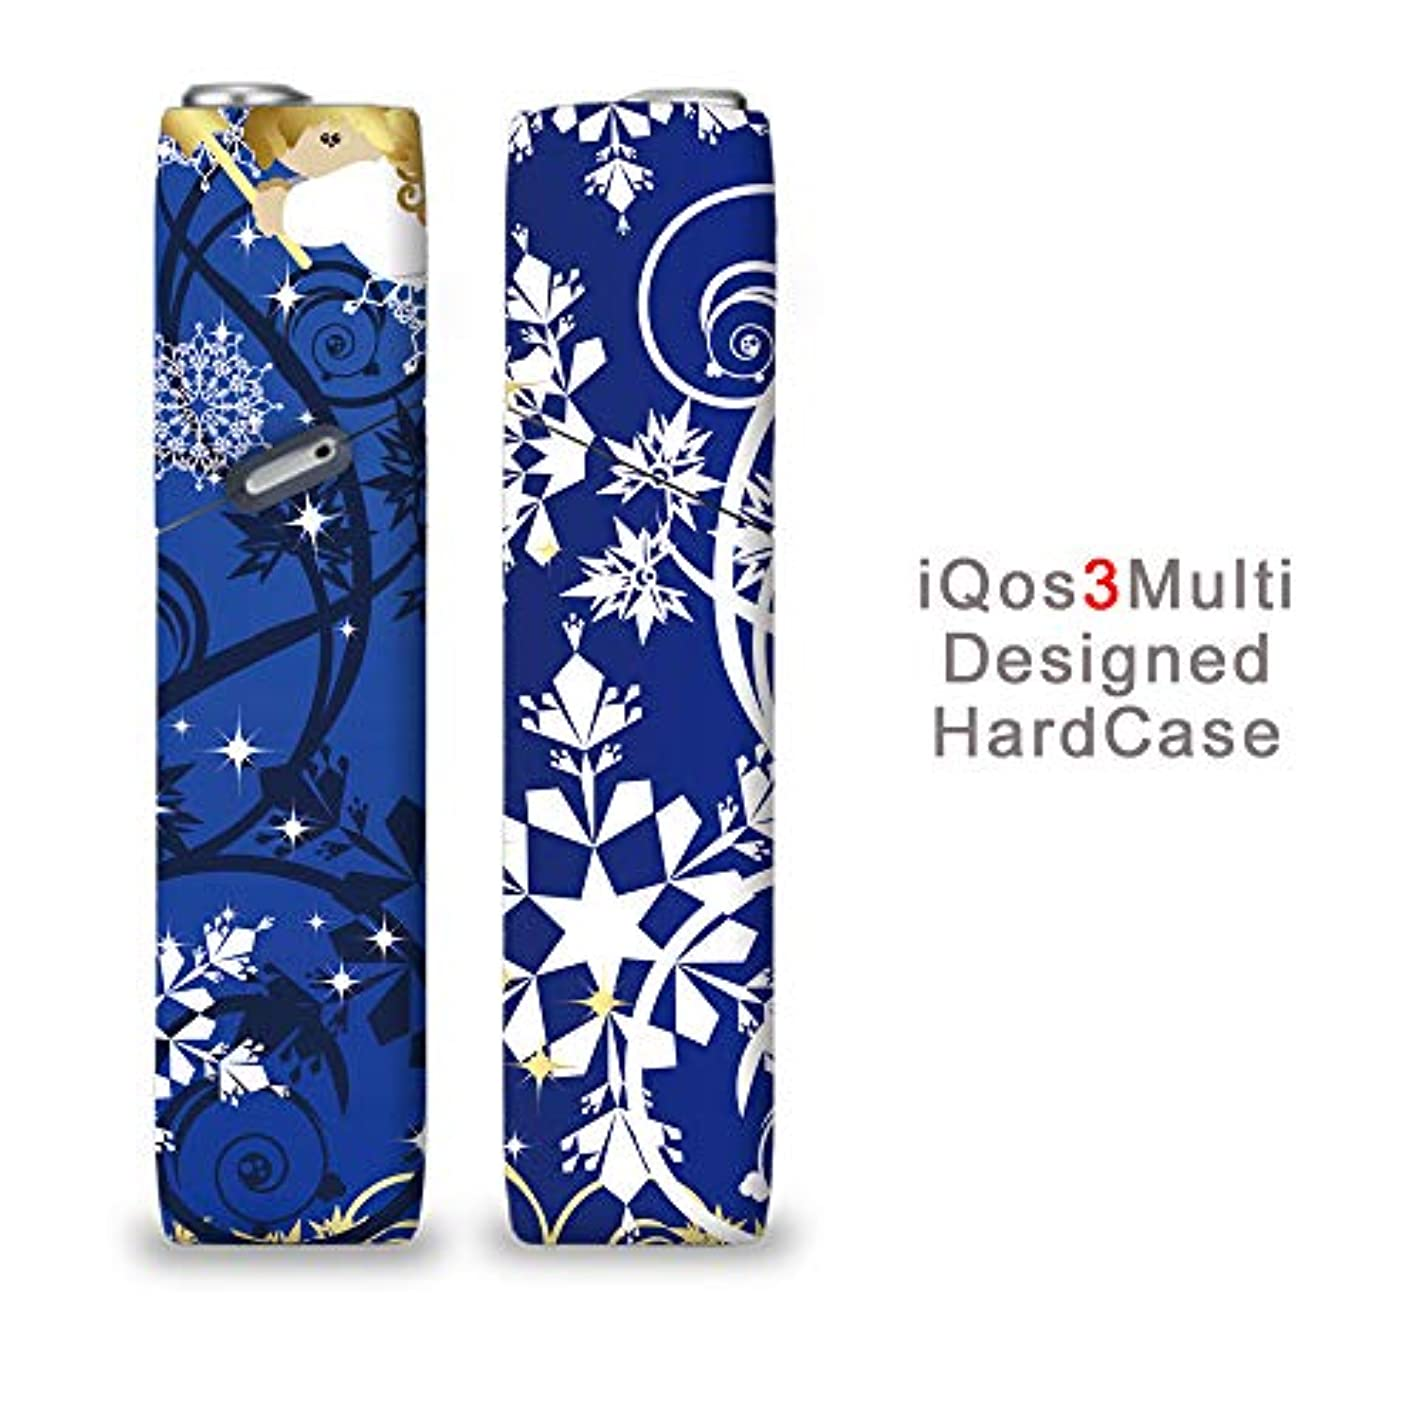 完全国内受注生産 iQOS3マルチ用 アイコス3マルチ用 熱転写全面印刷 天使のイラスト 加熱式タバコ 電子タバコ 禁煙サポート アクセサリー プラスティックケース ハードケース 日本製